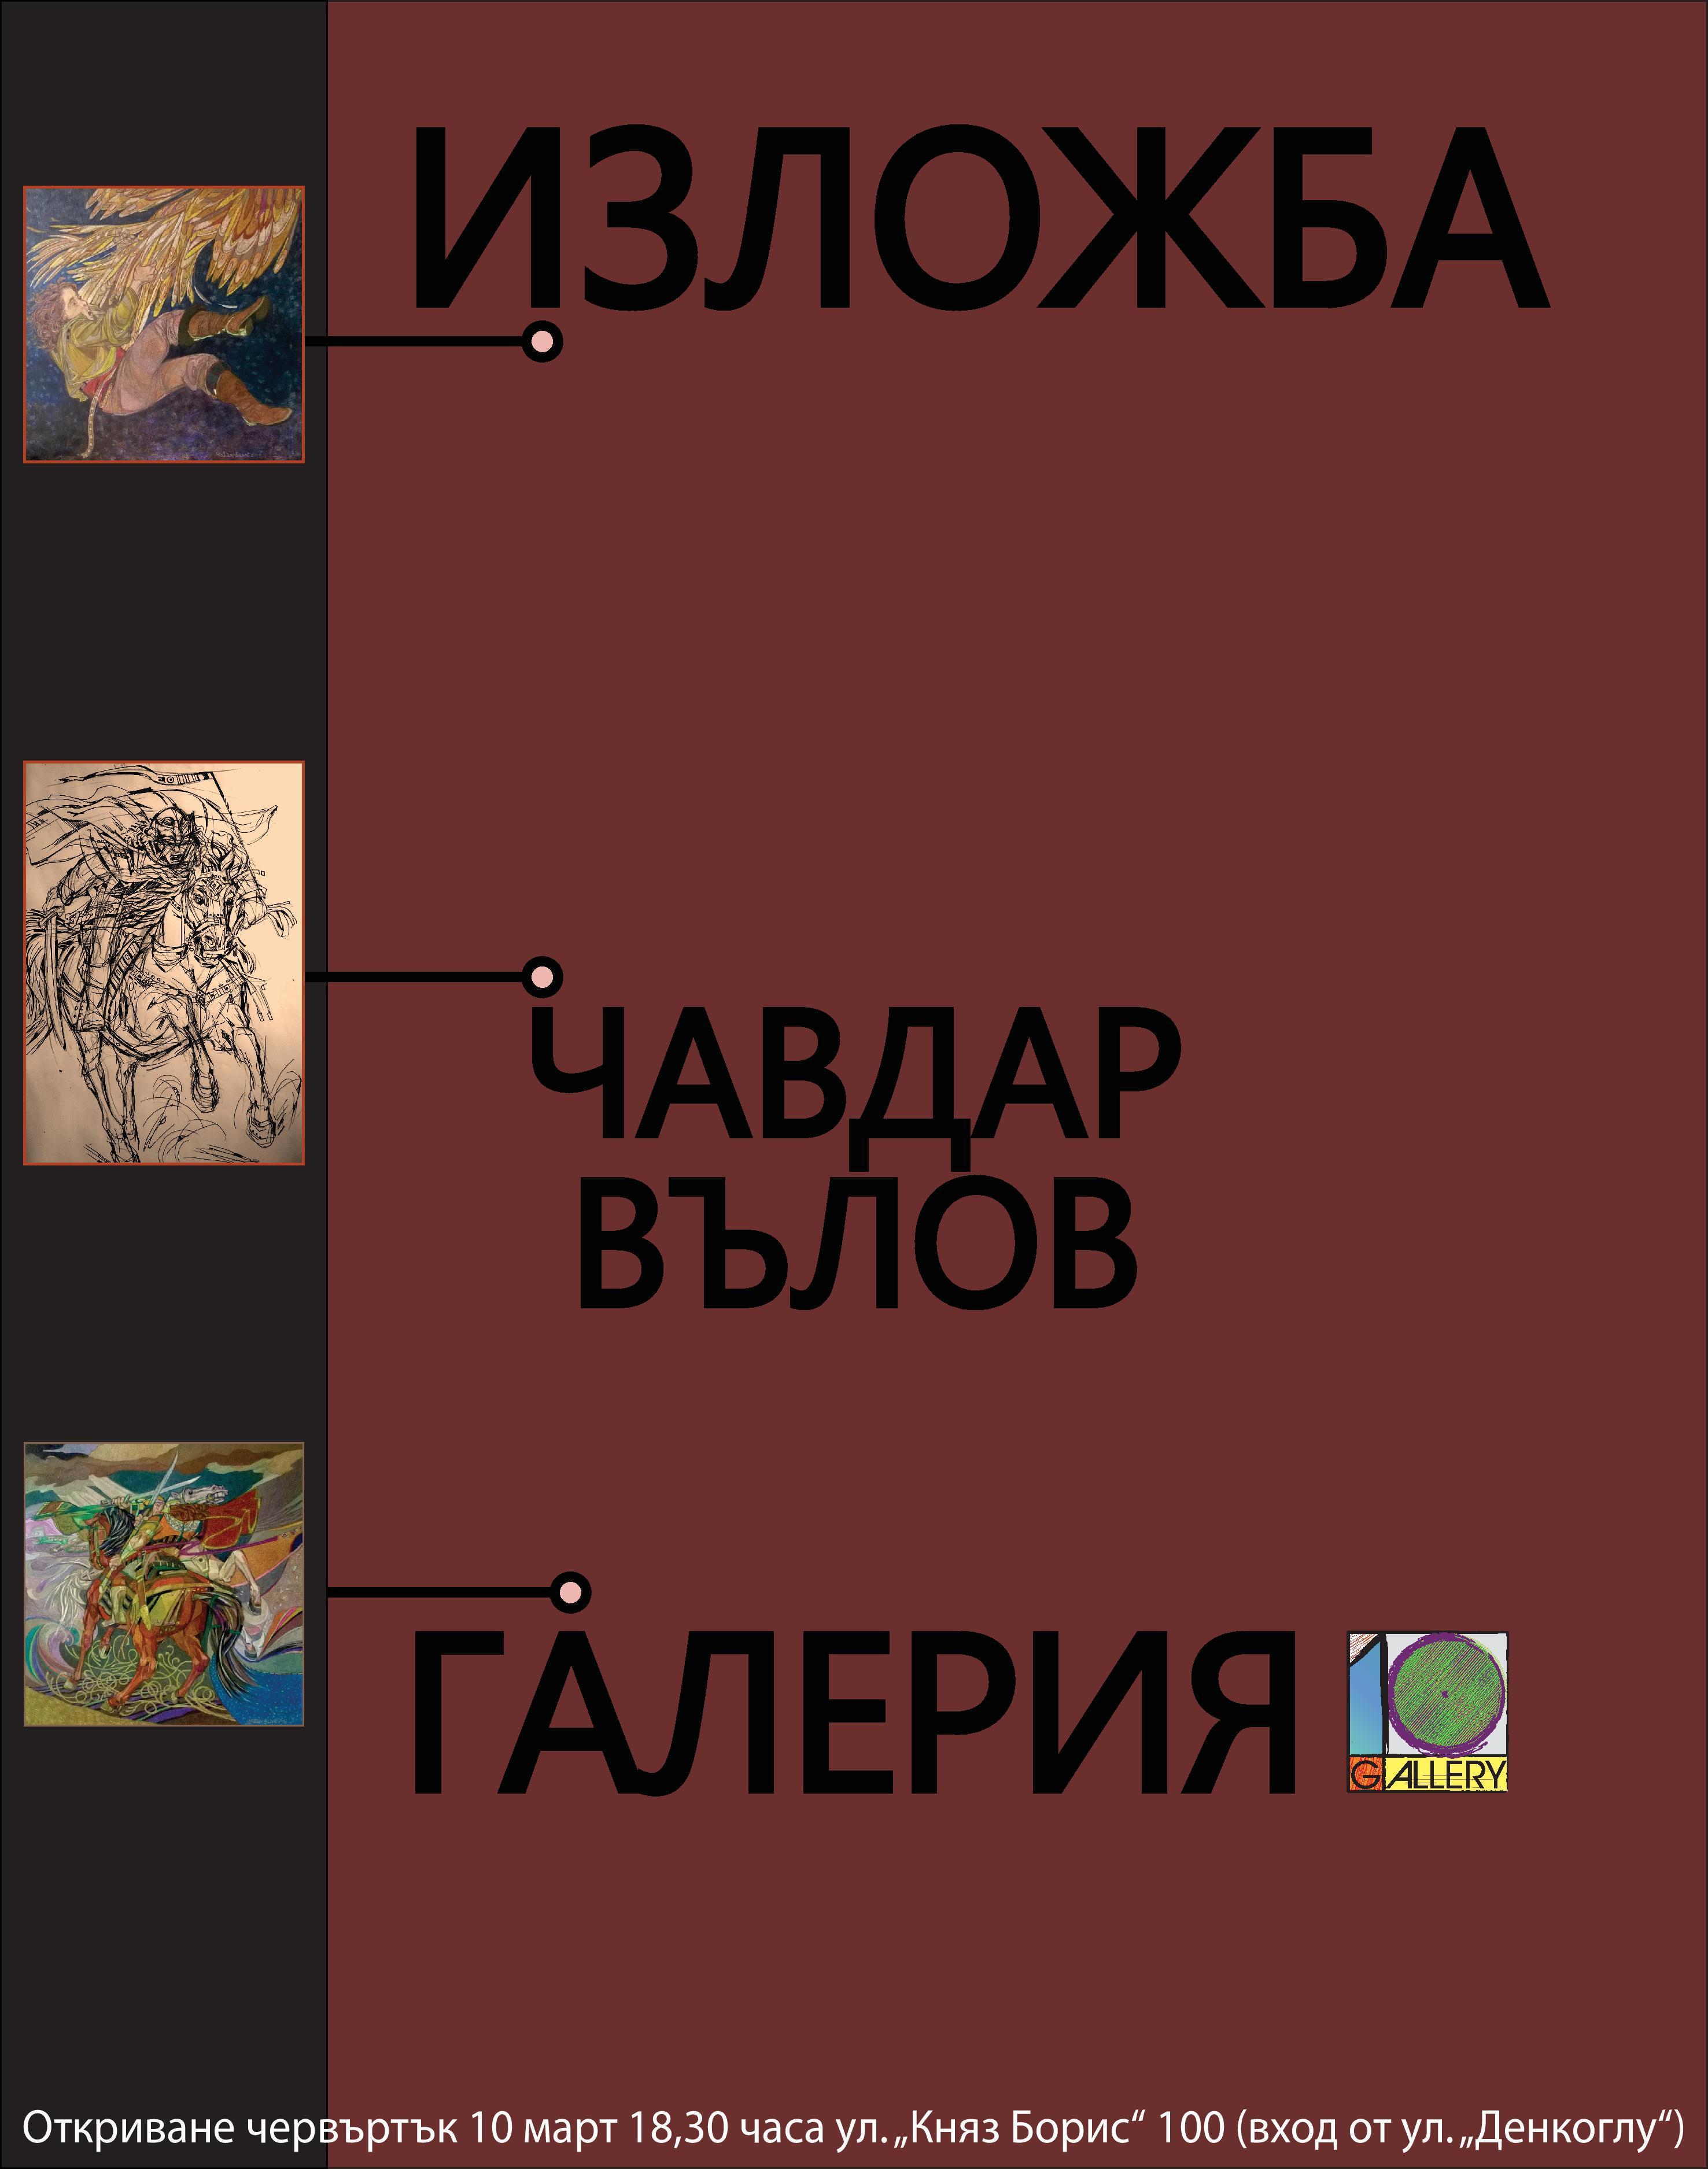 plakat_chavdar-page-001